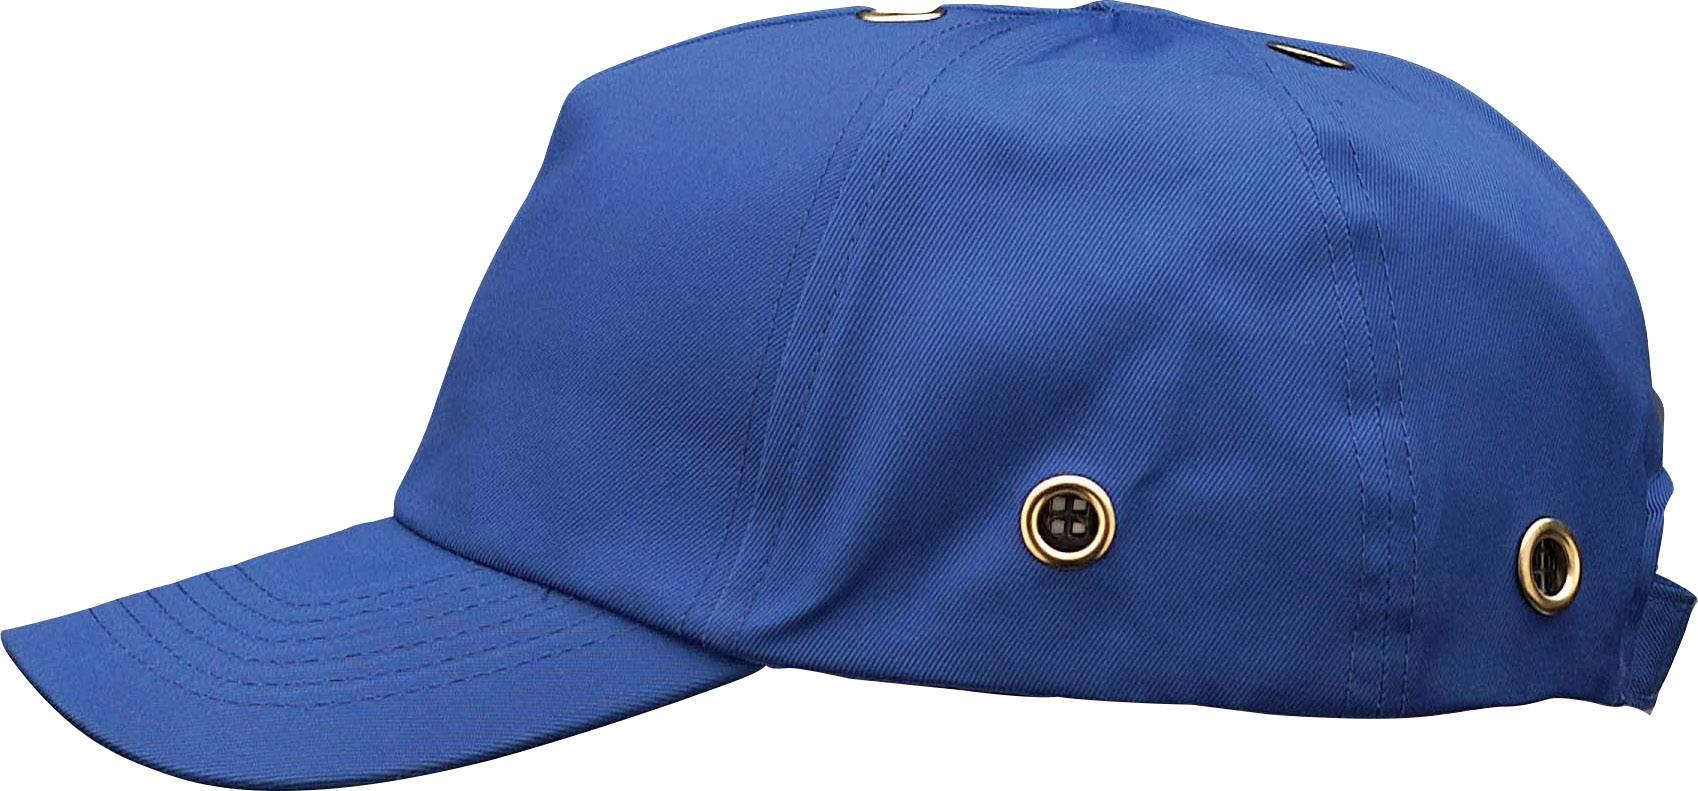 Pracovná čiapka so šiltom Voss Helme VOSS-Cap 2687, chrpová modrá